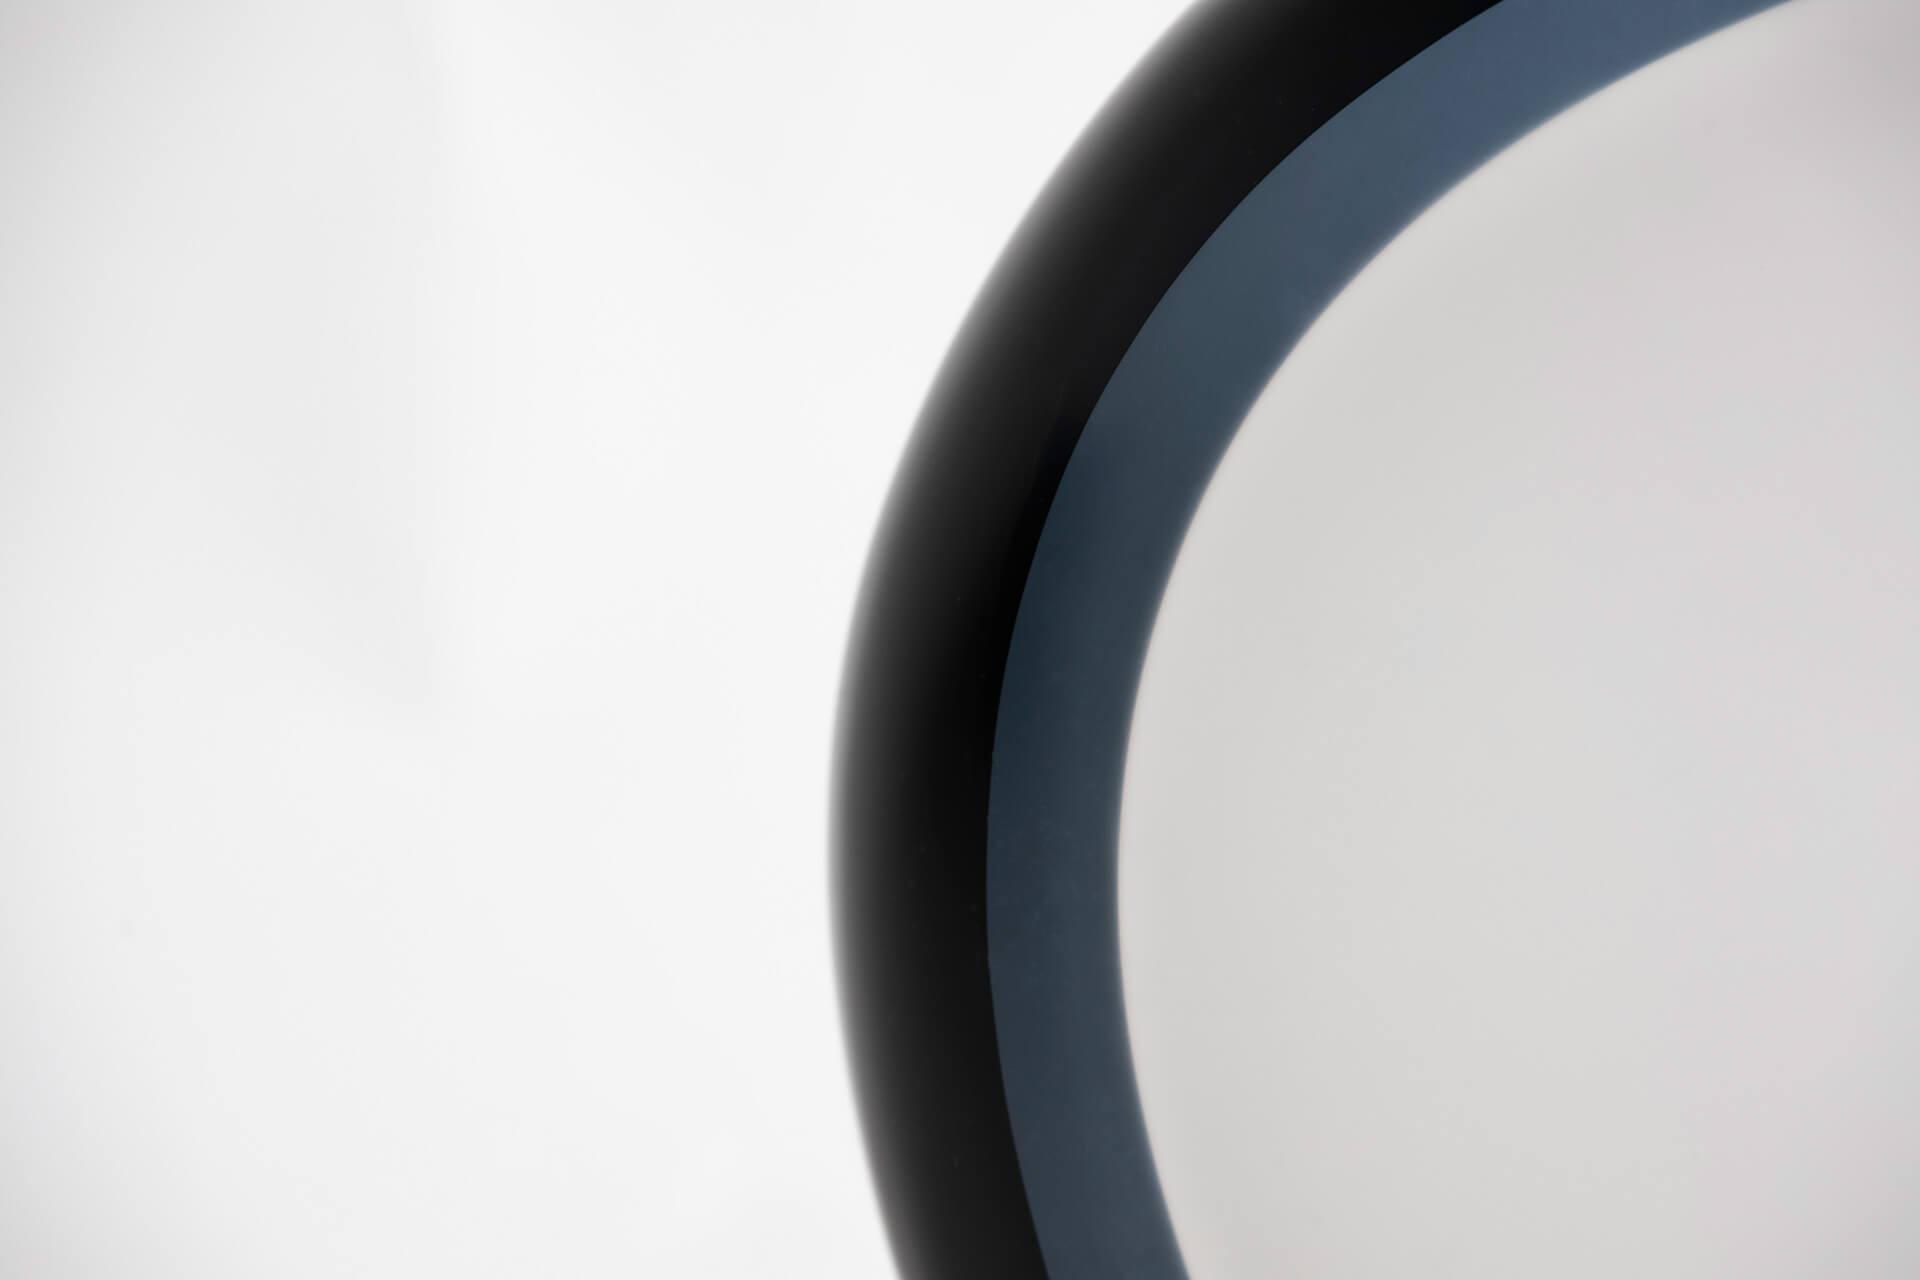 Glasmester, Holmegaard Værk, Noir et opaline, Nov Gallery, Genevé, Niedermann, Design, Jonas, KADK glass and ceramics